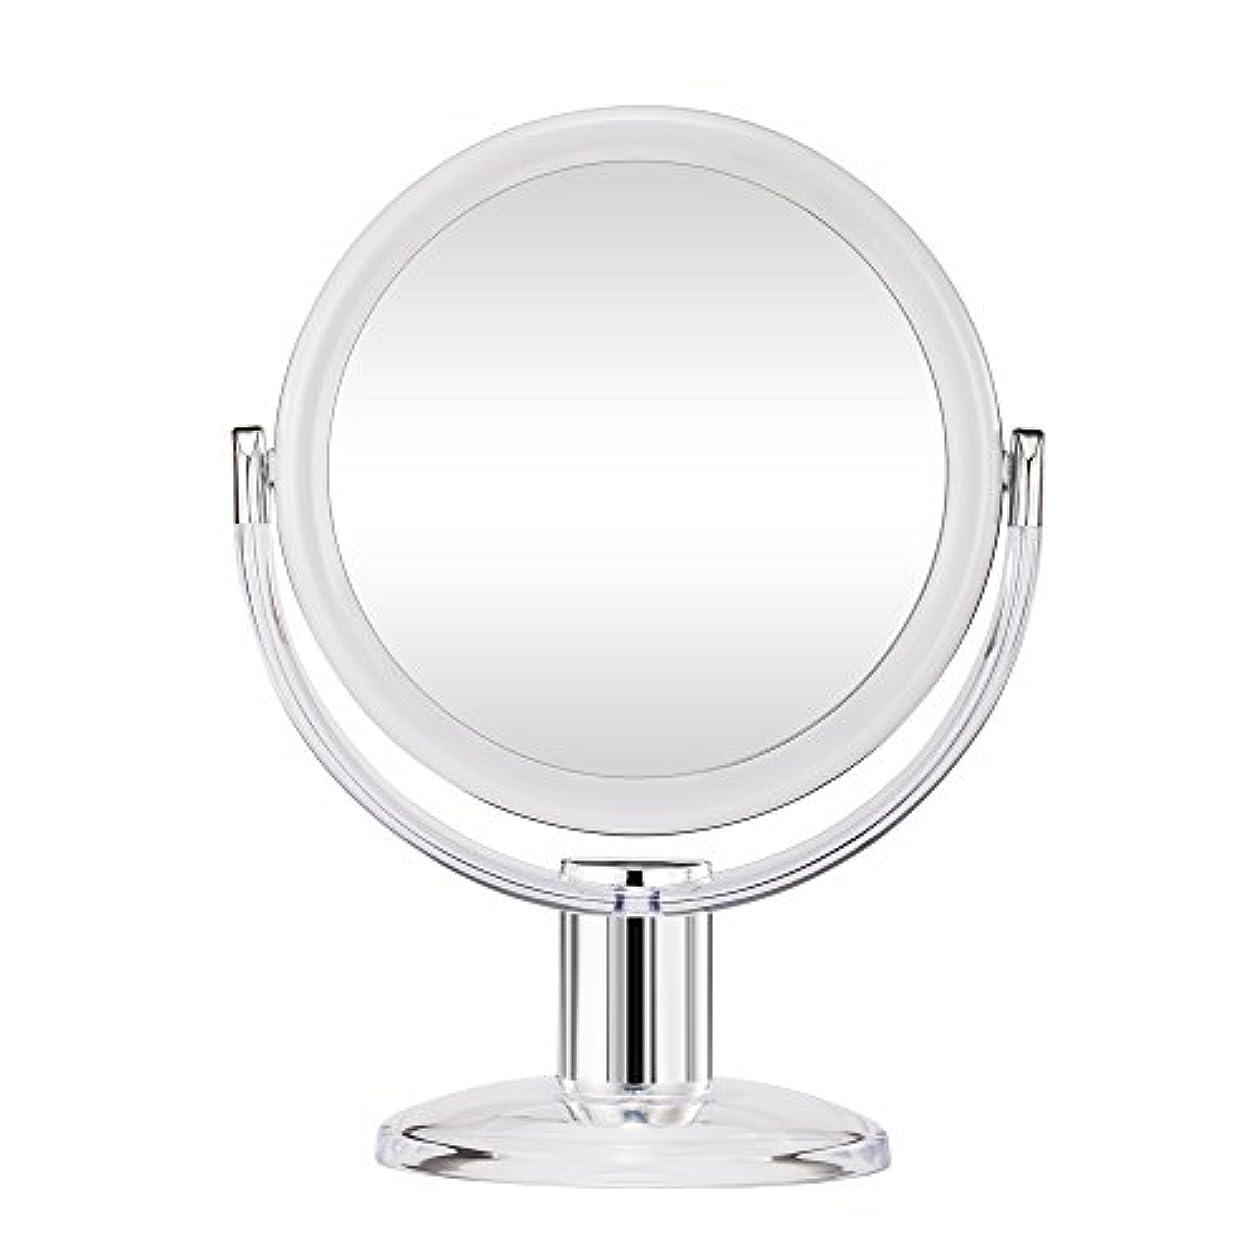 プレミアスペードオープナーGotofine スタンドミラー 卓上鏡 両面鏡 10倍と等倍 透明 アクリル樹脂 おしゃれ 円型